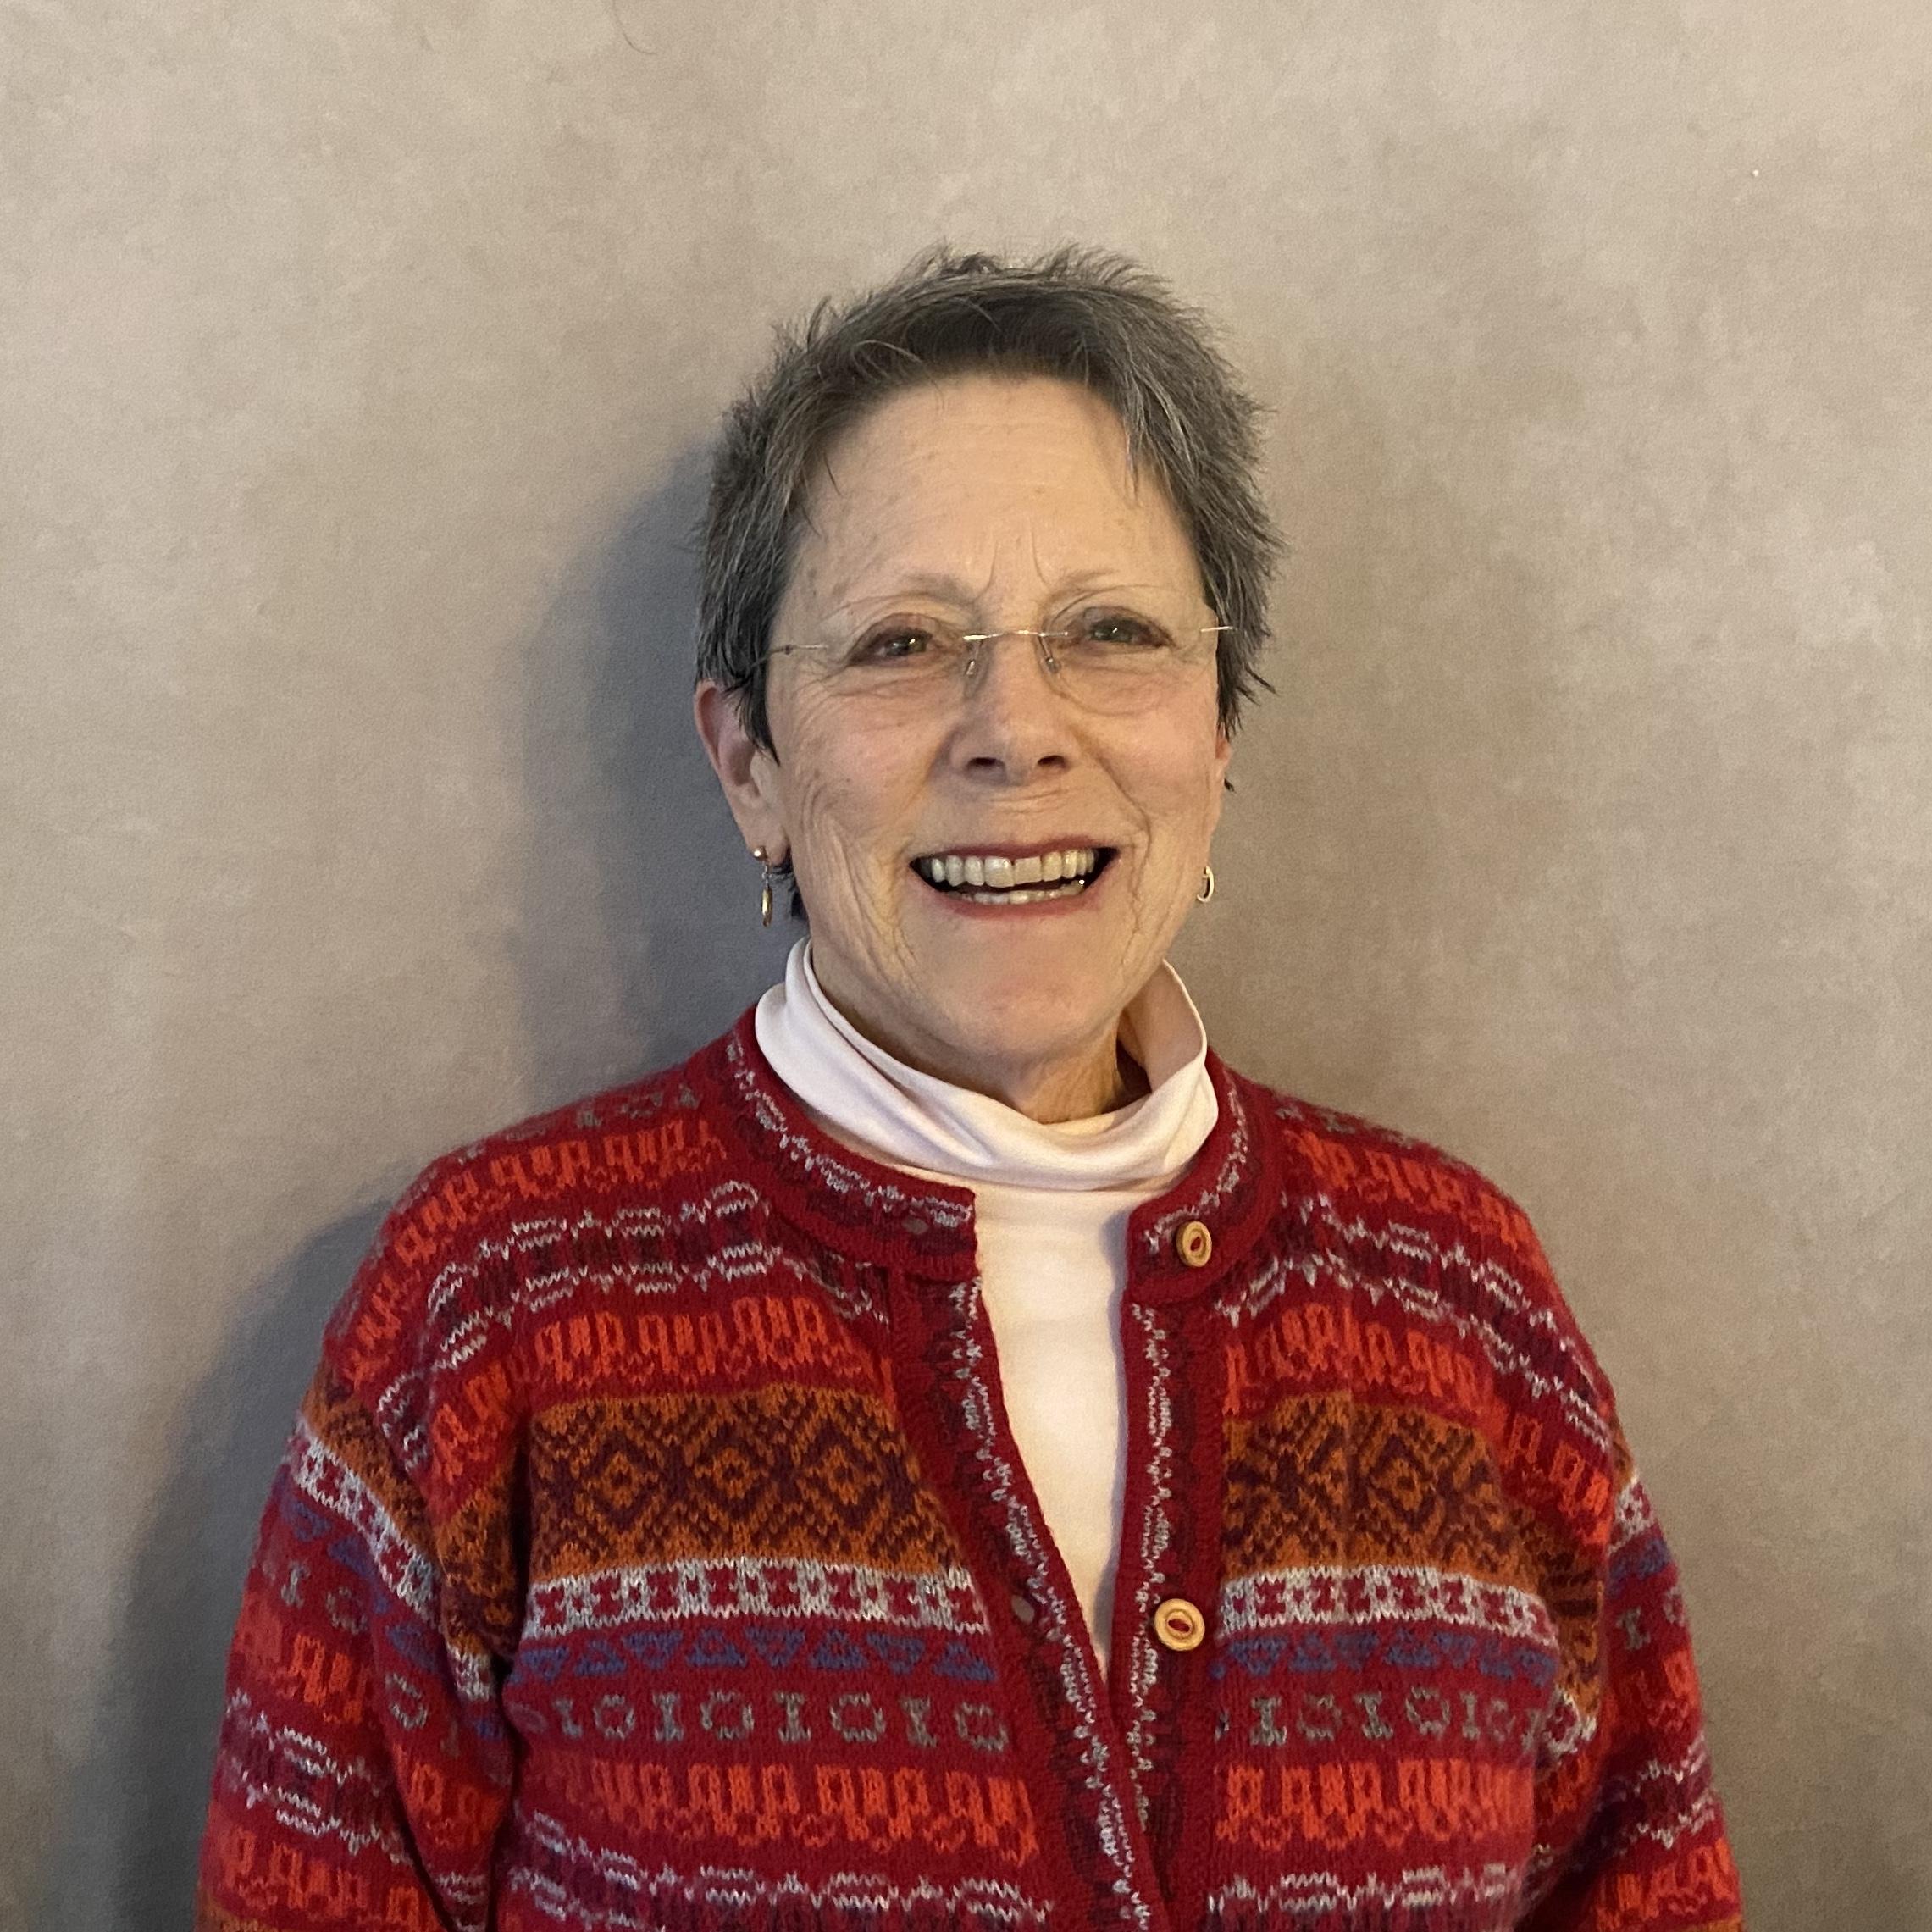 Nancy Greene, Secretary